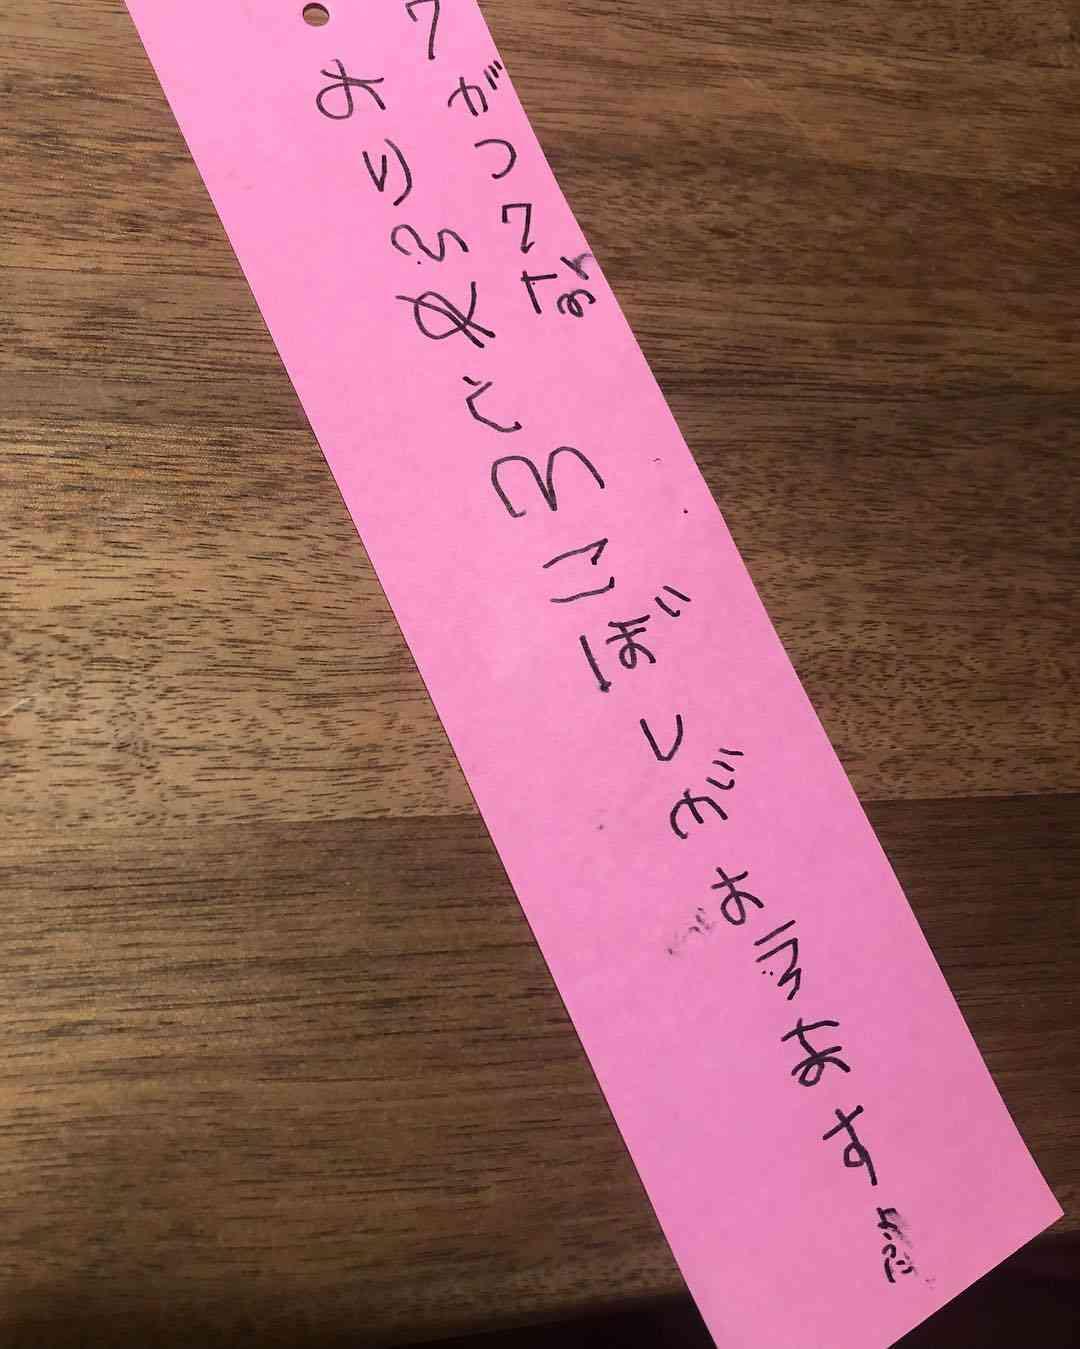 福田萌、4歳娘の書いた短冊が話題「やさしくてかわいい」「ほんわかする」